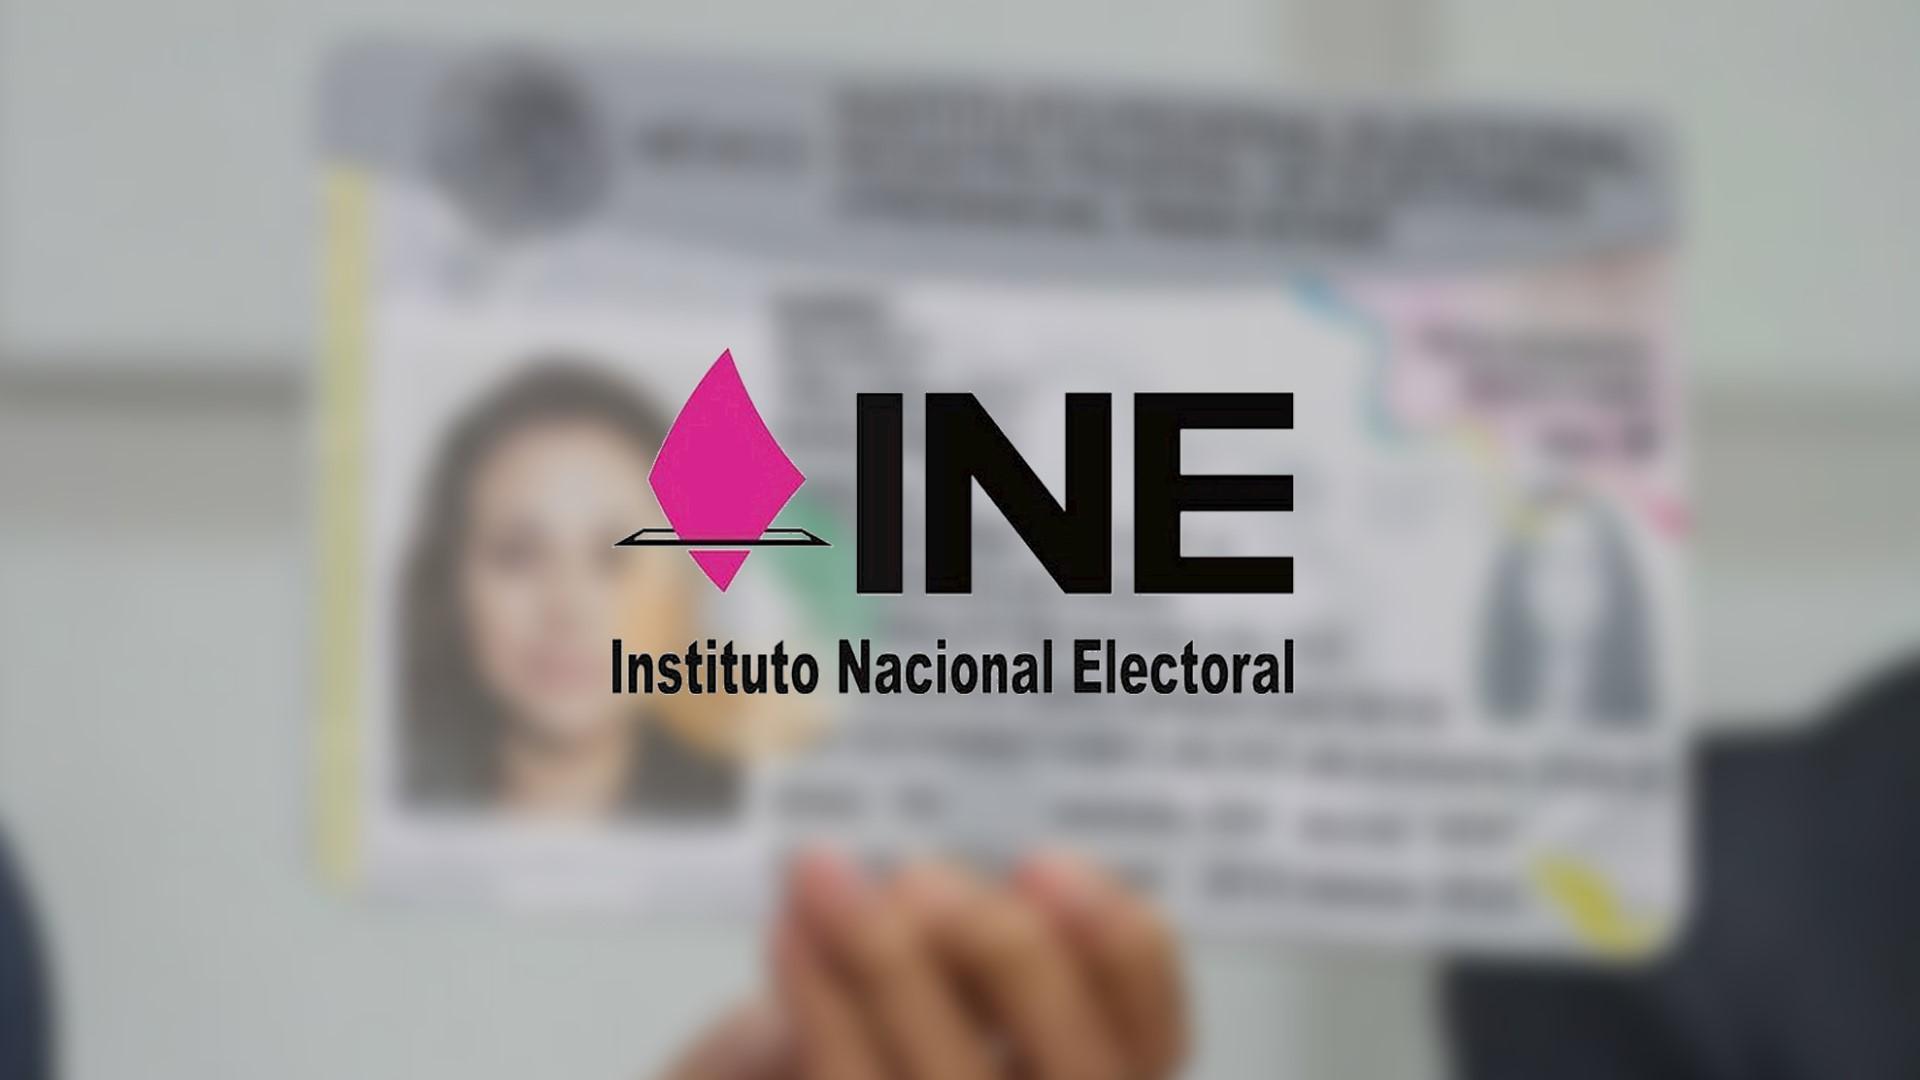 Citas Ine Solicitar Las Credenciales De Elector Ine